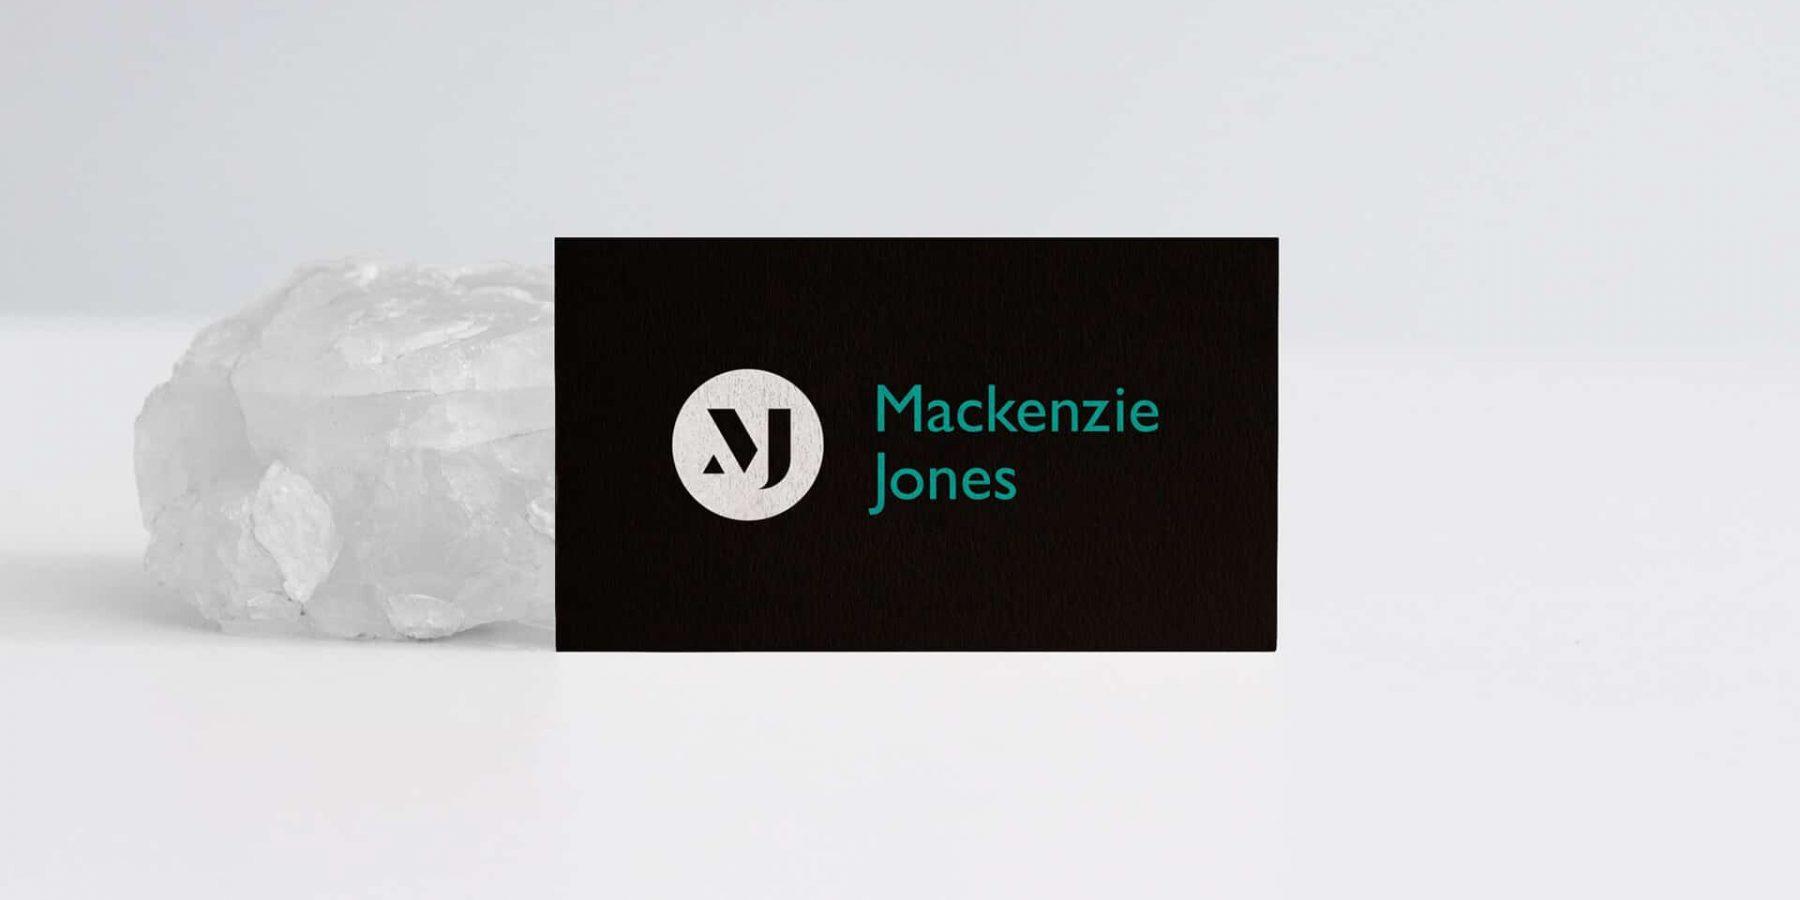 Mackenzie Jones business card design | Business card design Berkshire